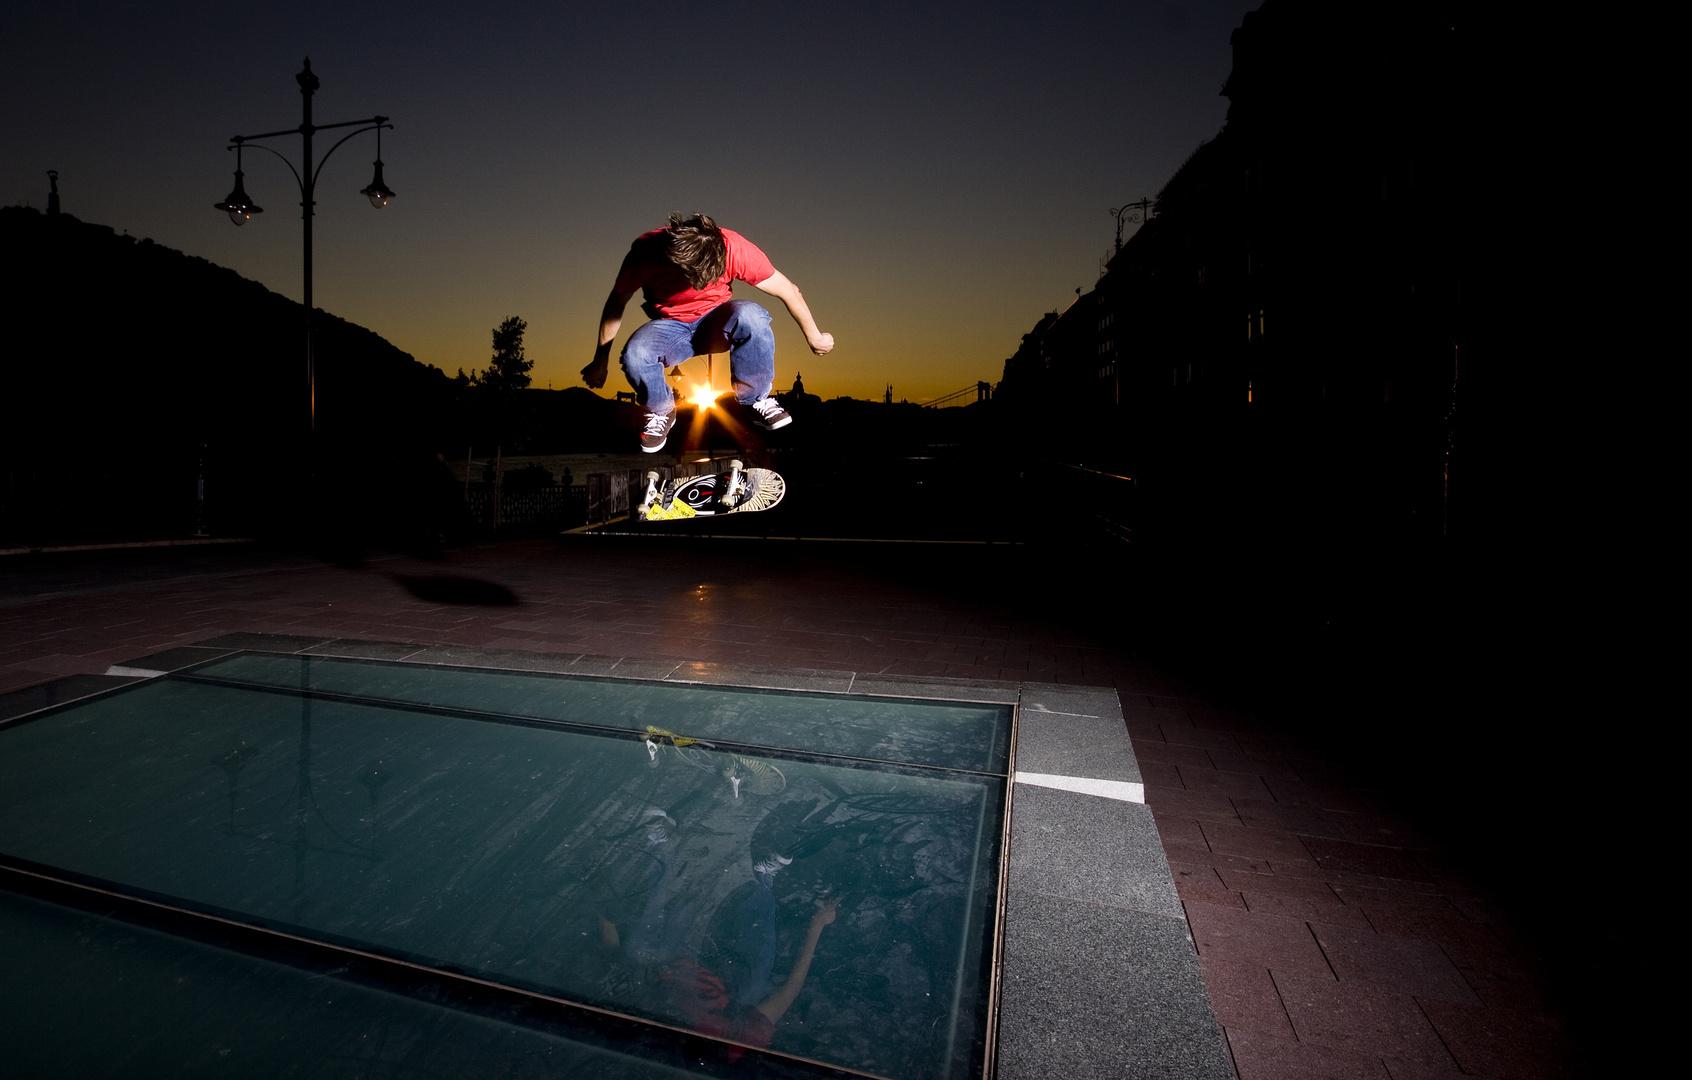 bs kickflip sunset